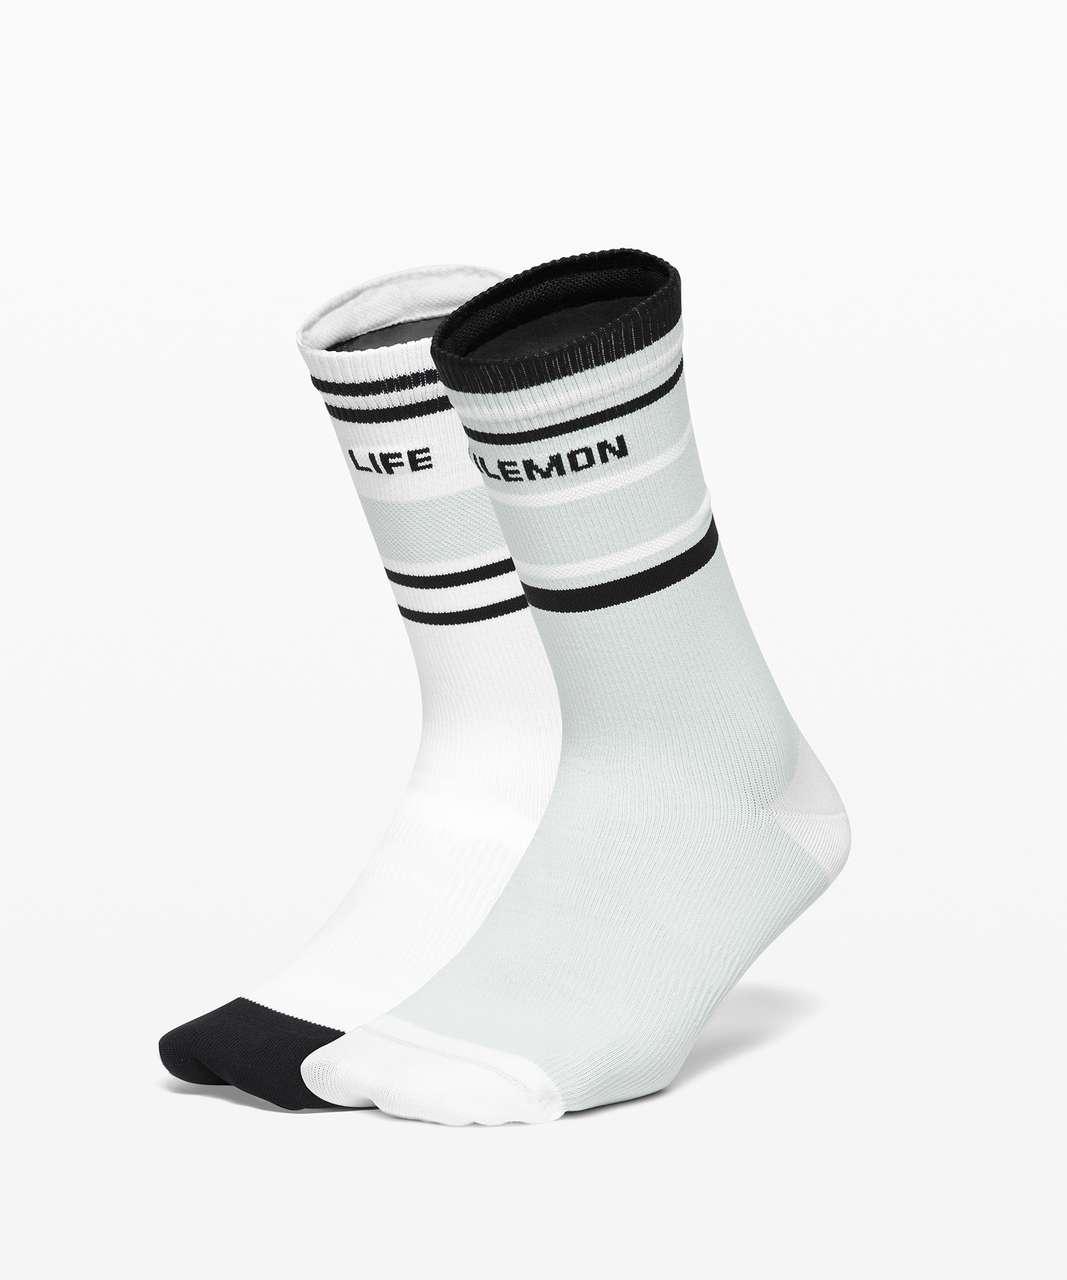 Lululemon Tale To Tell Crew Sock*2 Pack - White / Black / Vapor